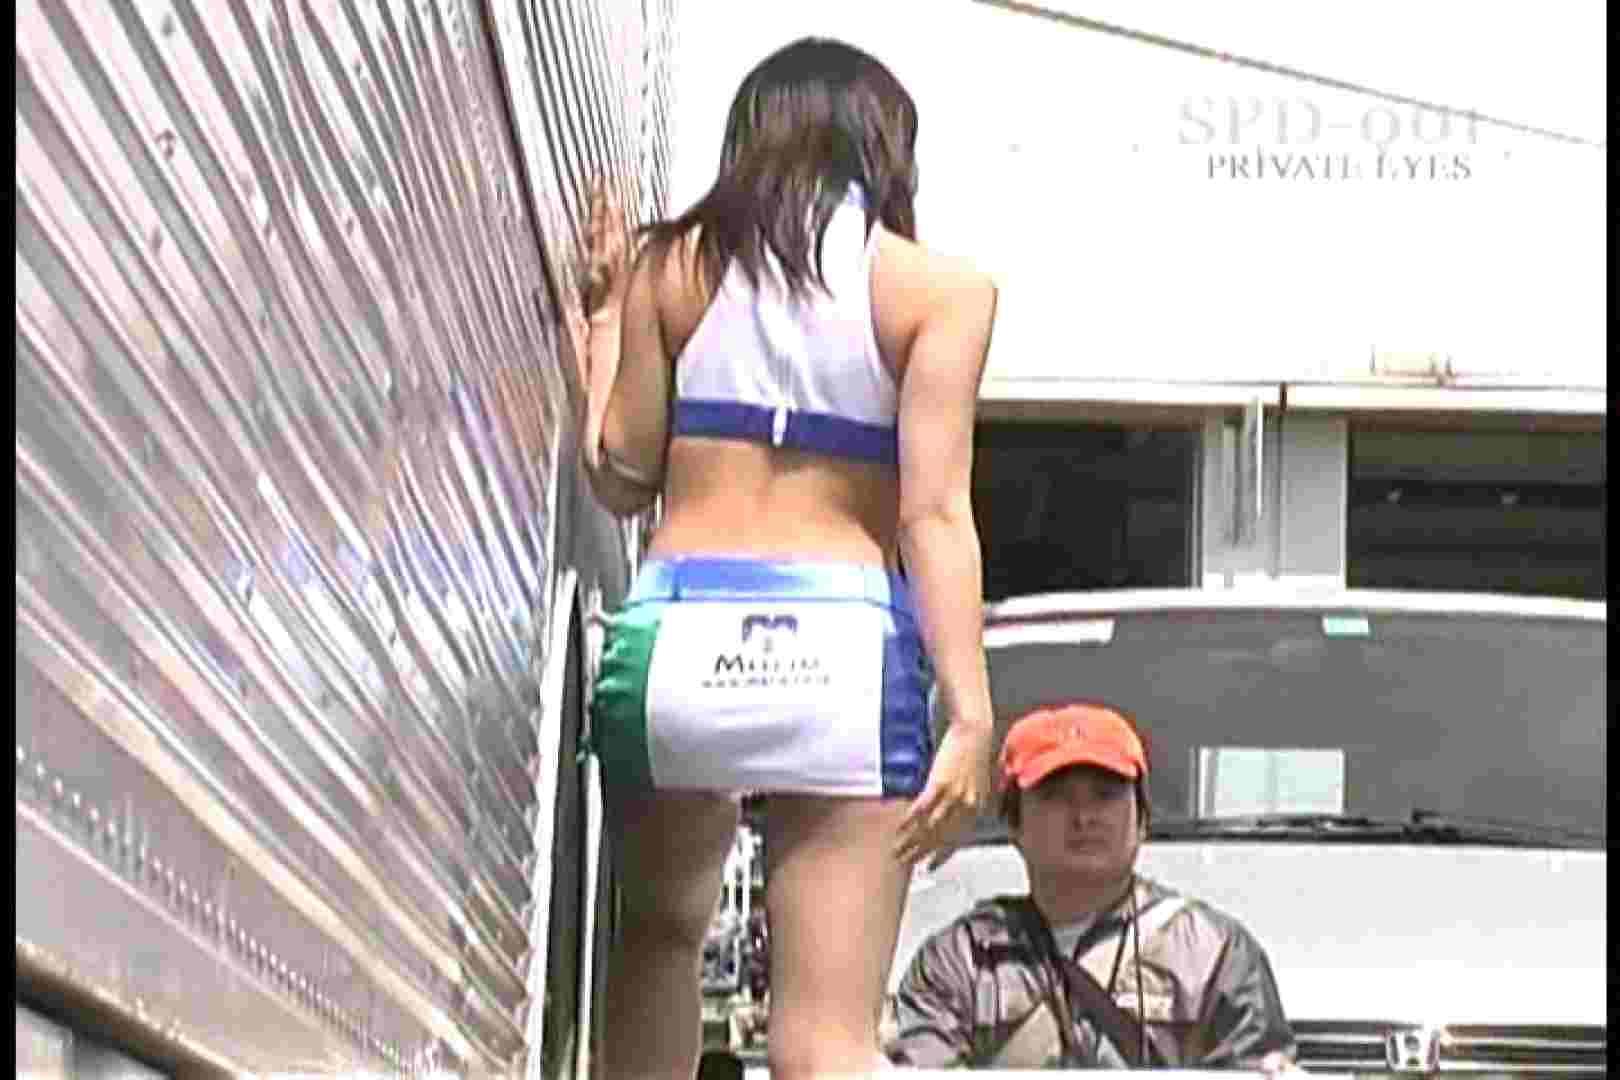 高画質版!SPD-001 サーキットの女神達 Vol.00 名作 のぞき濡れ場動画紹介 78画像 31